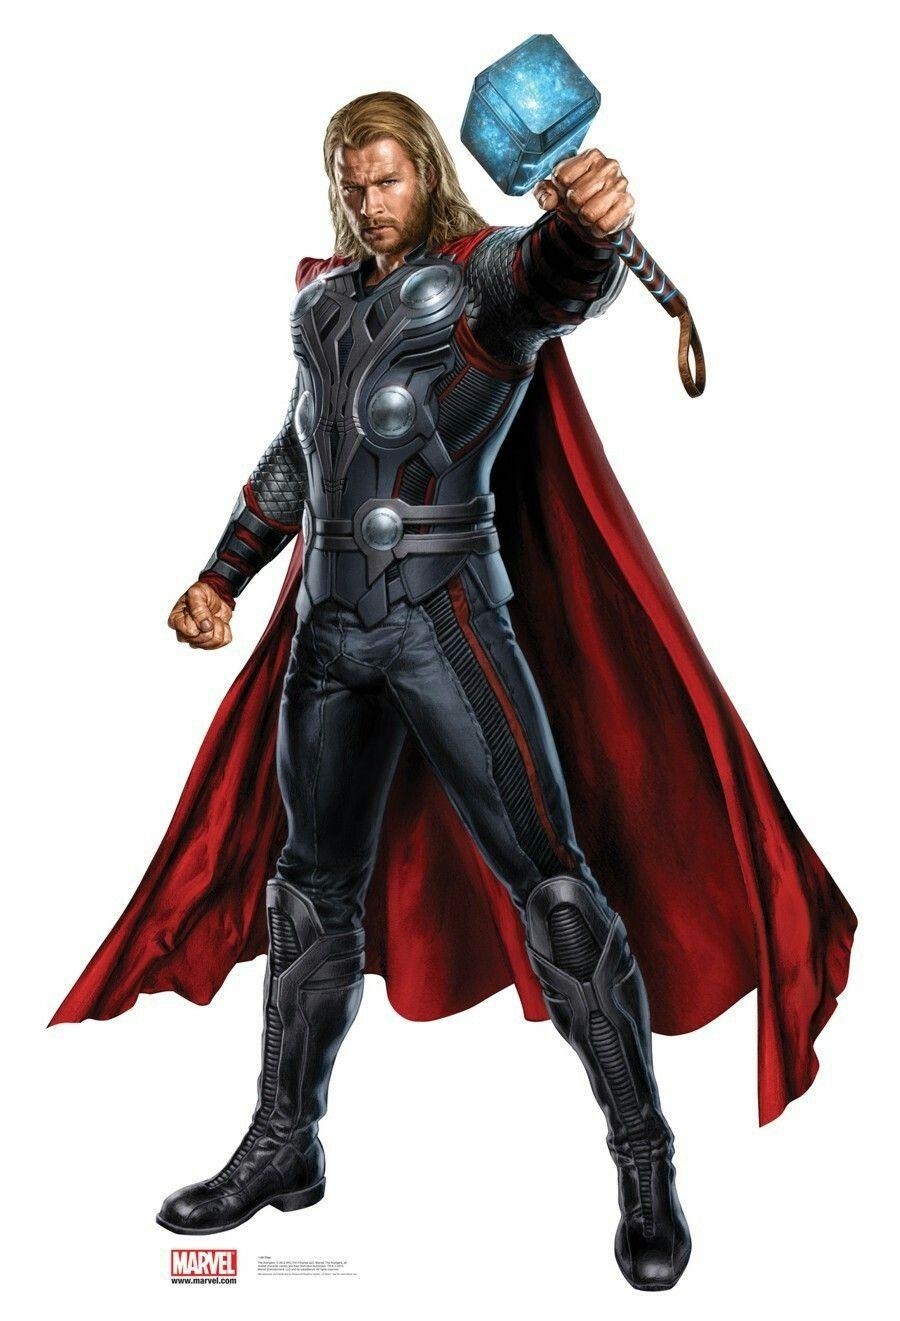 Pin By Hiếu đ Nguyễn On Thor Marvel Thor Marvel Heroes Bedroom Marvel Heroes